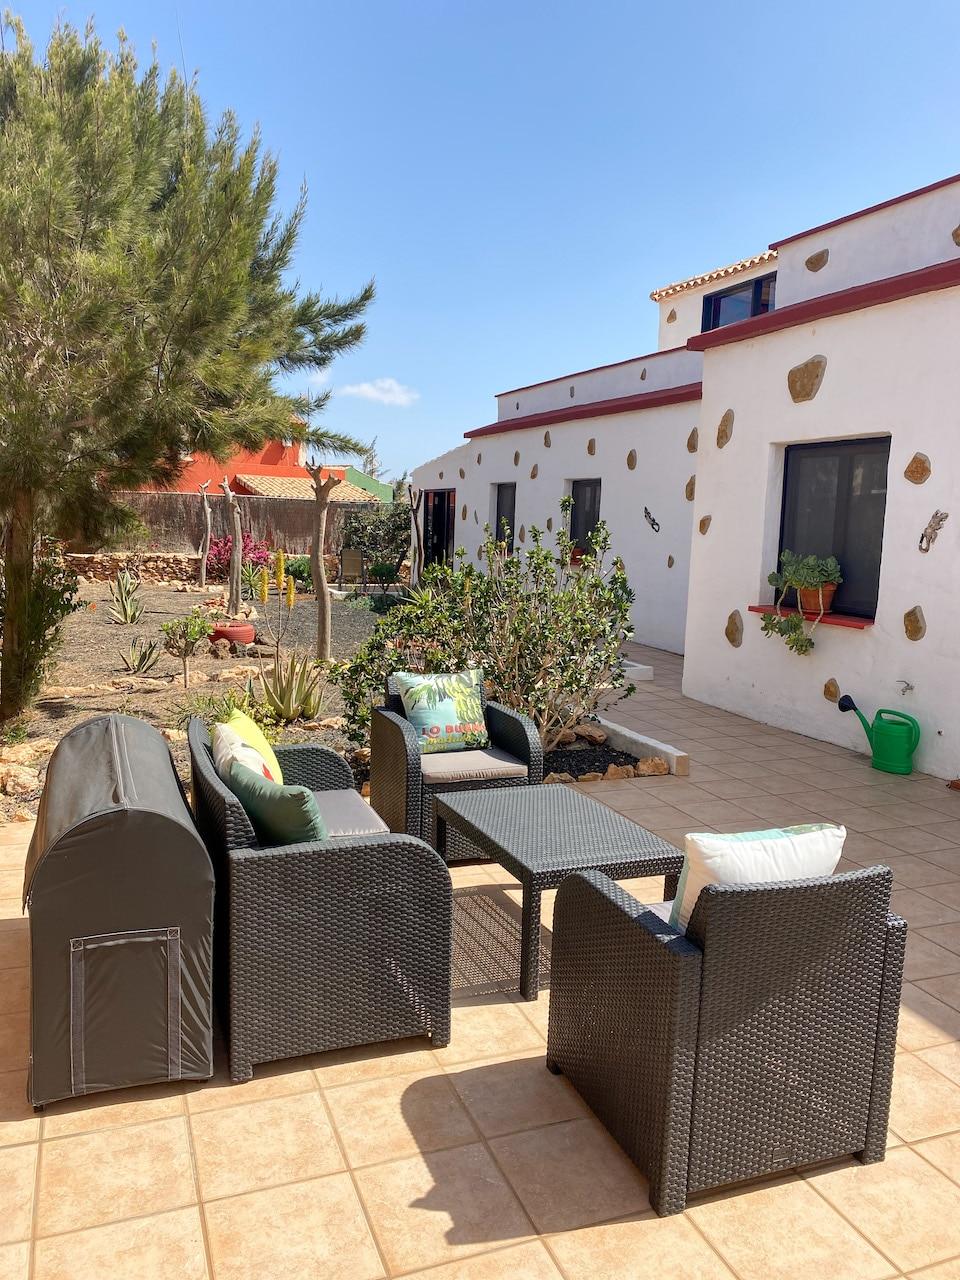 kamers van Villa Vital - wandel en fiets vakantie op Canarische eilanden